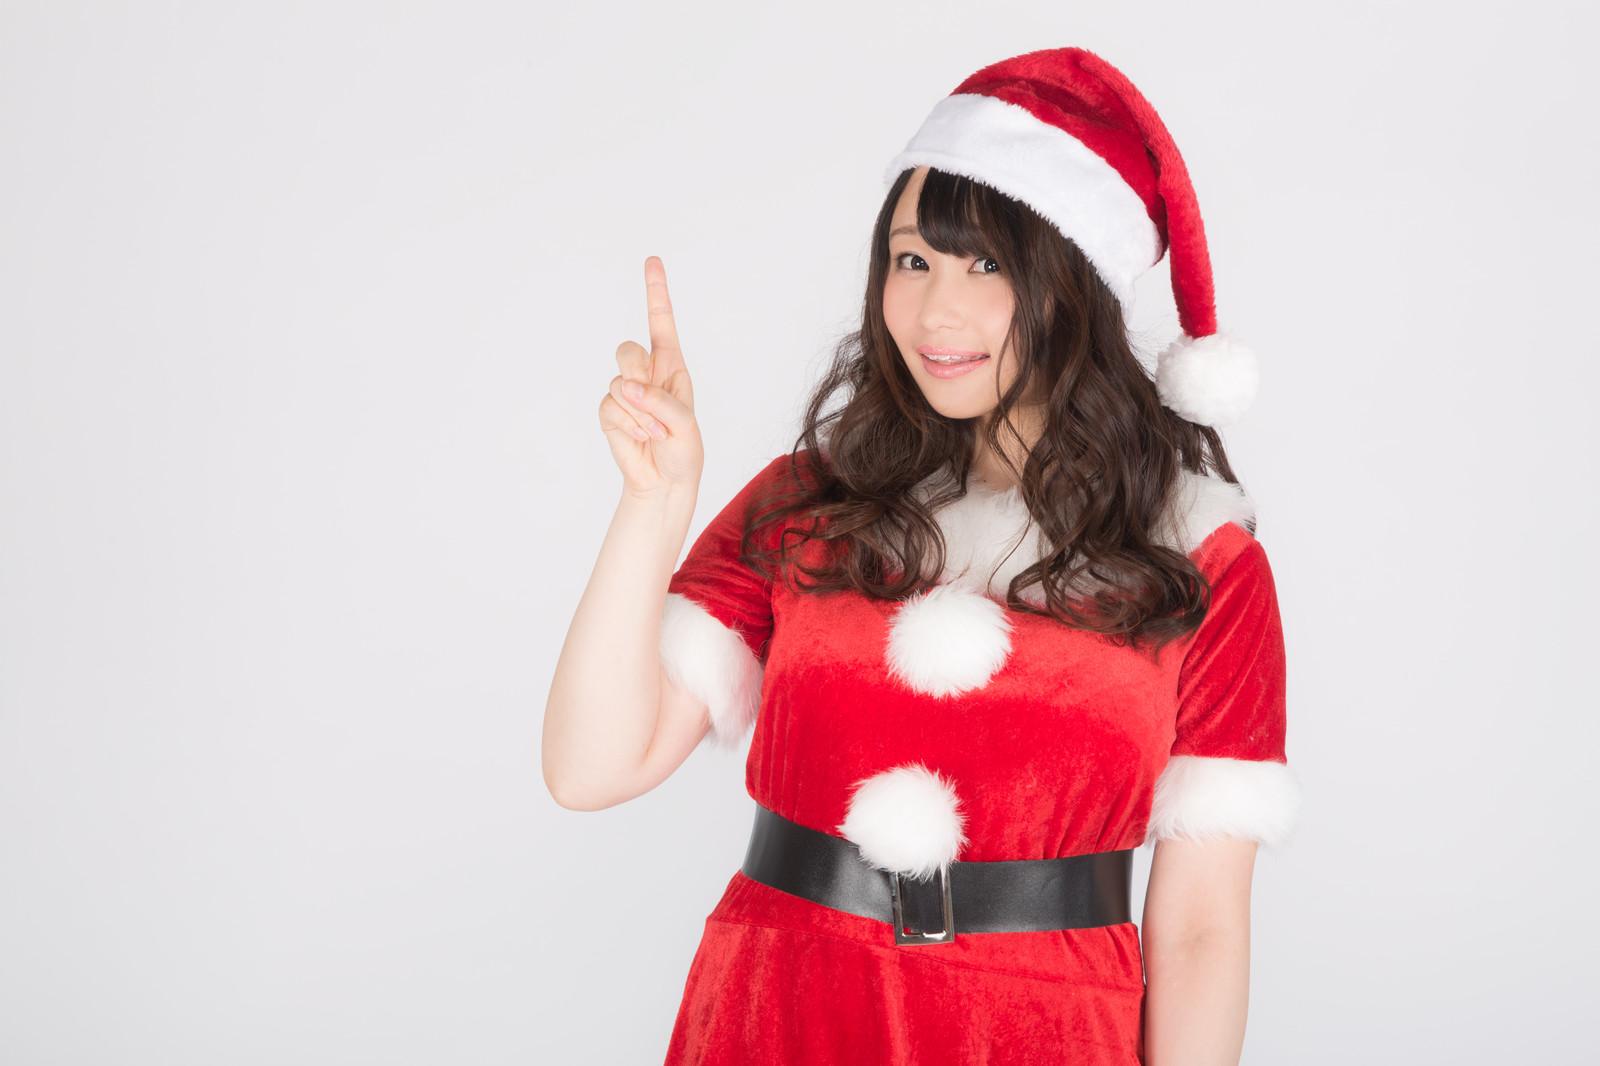 クリスマスプレゼントの予算って、一般的にどれくらい?男女差も気になる!?